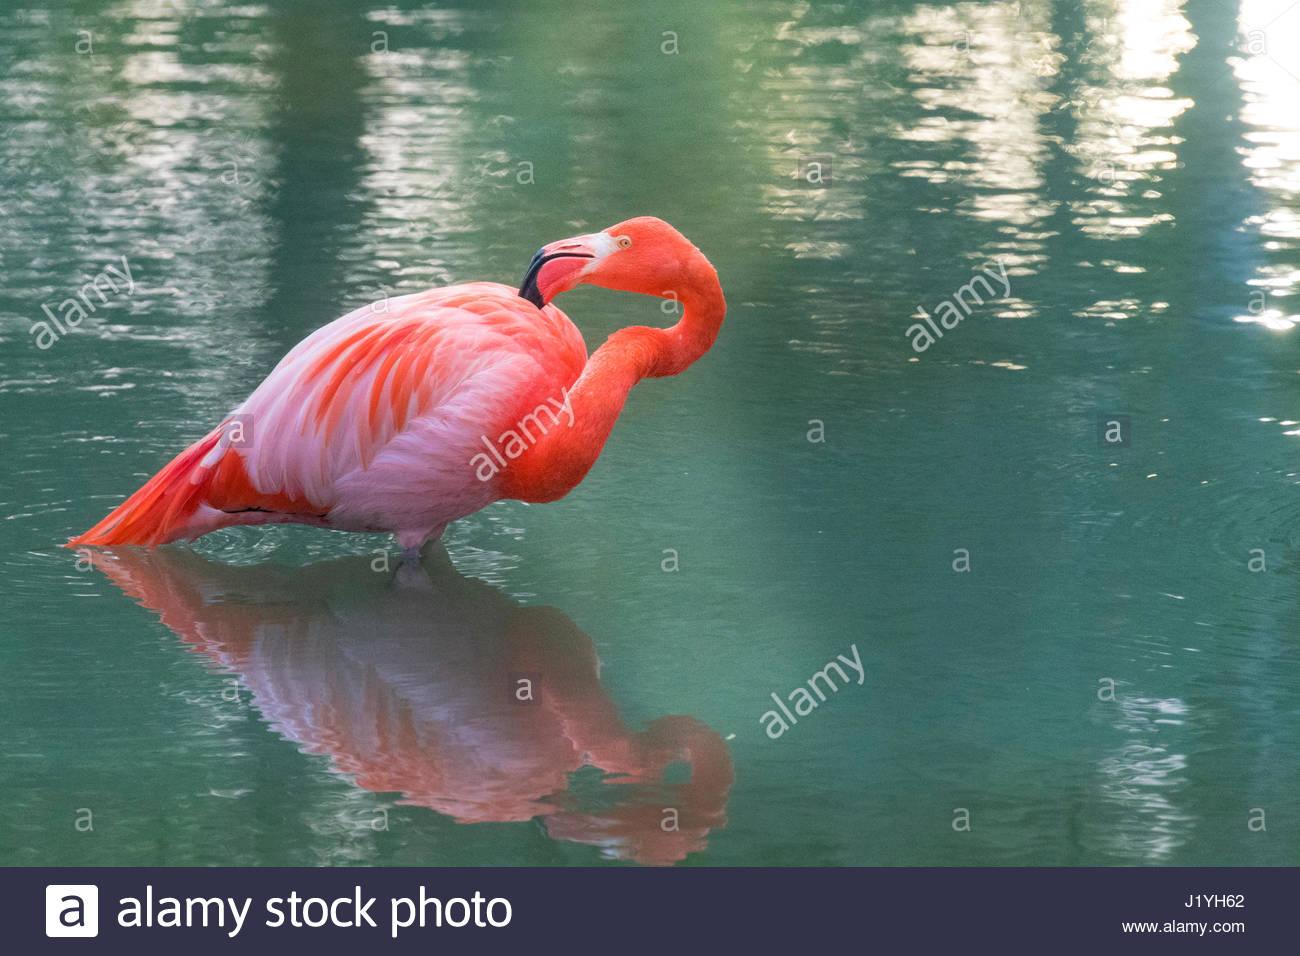 Flamingo colorato uccello in un lago cubano. Fenicotteri fenicotteri o sono un tipo di trampolieri nella famiglia Immagini Stock